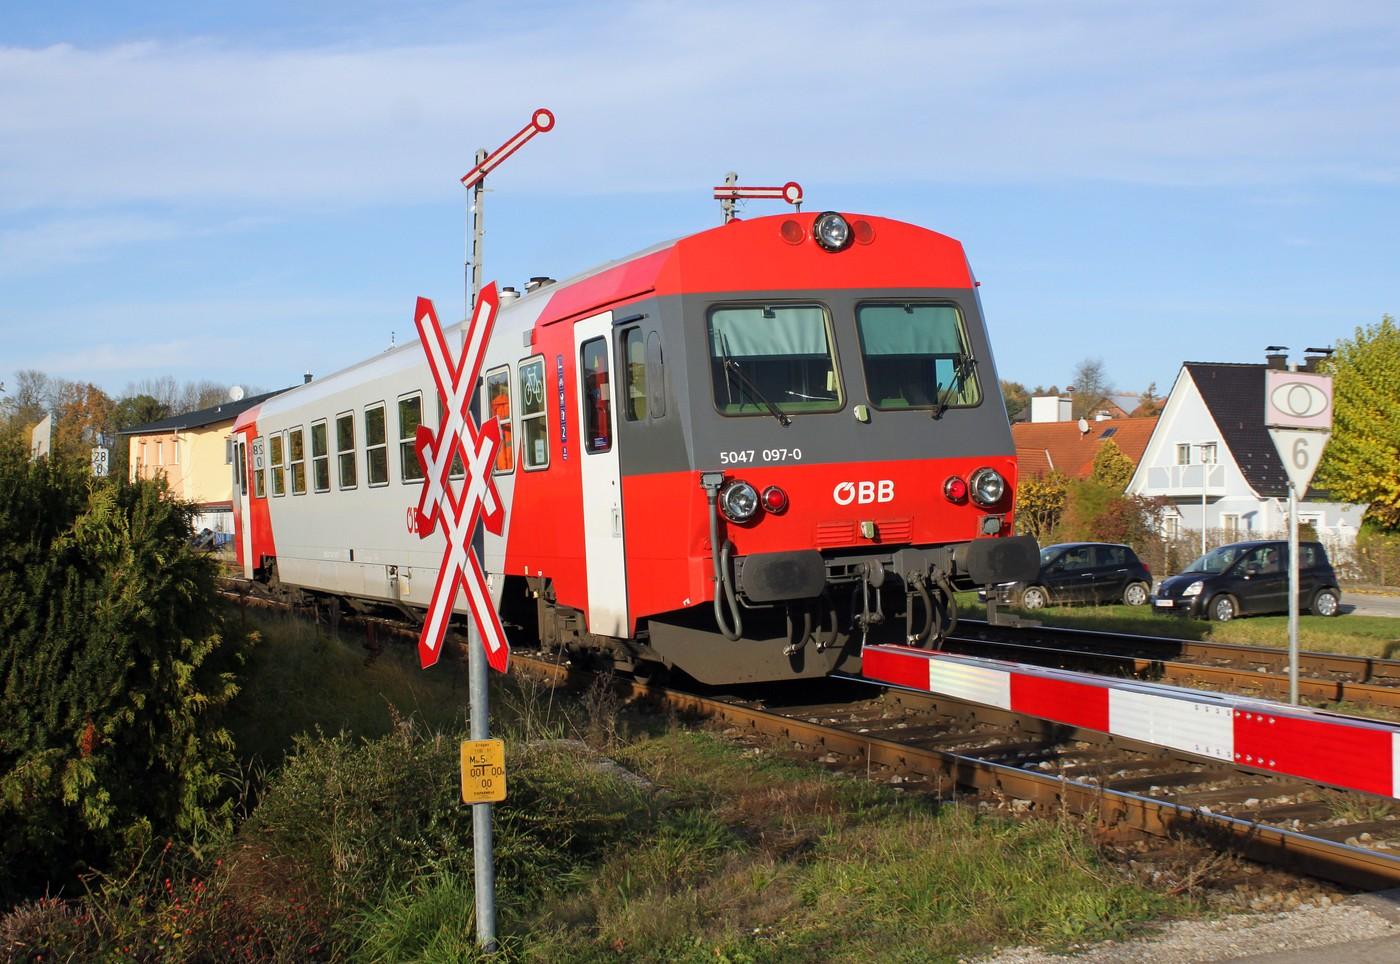 http://www.eisenbahn-im-bild.de/Temp/A_Mauerkirchen_IMG_7028.jpg